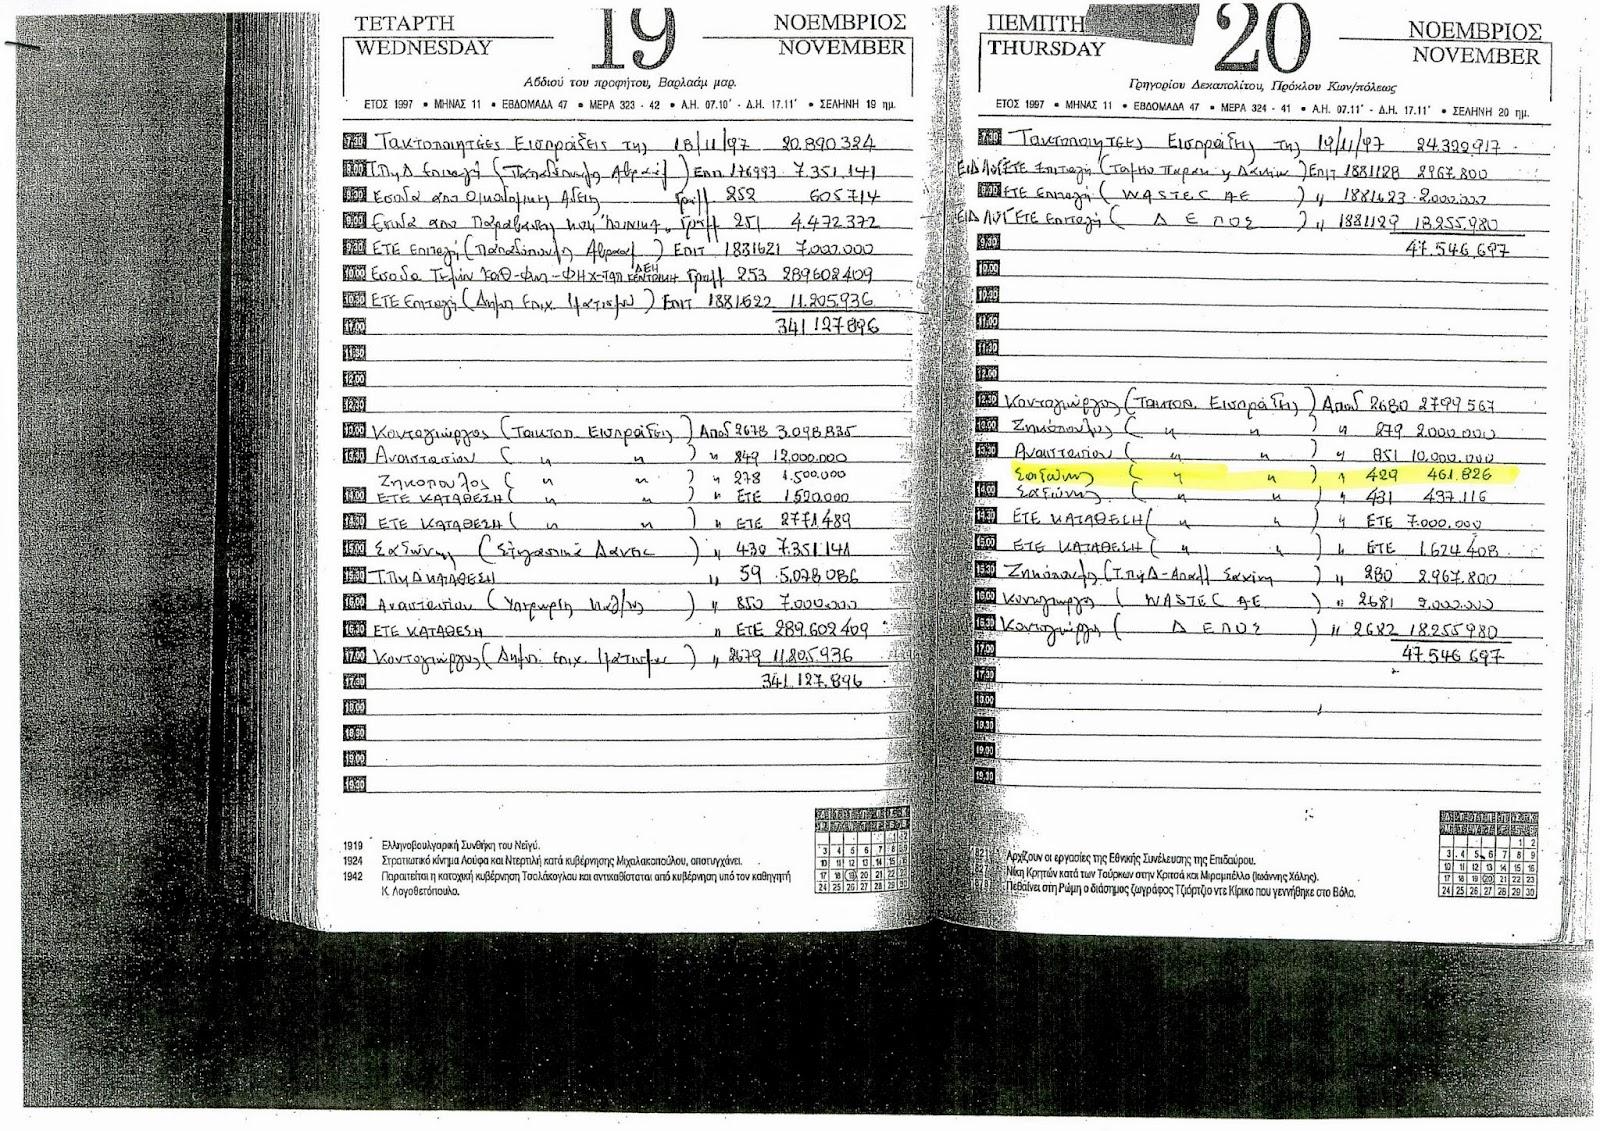 Ποιός δικαστής δίκασε τόν Παπαγεωργόπουλο;27